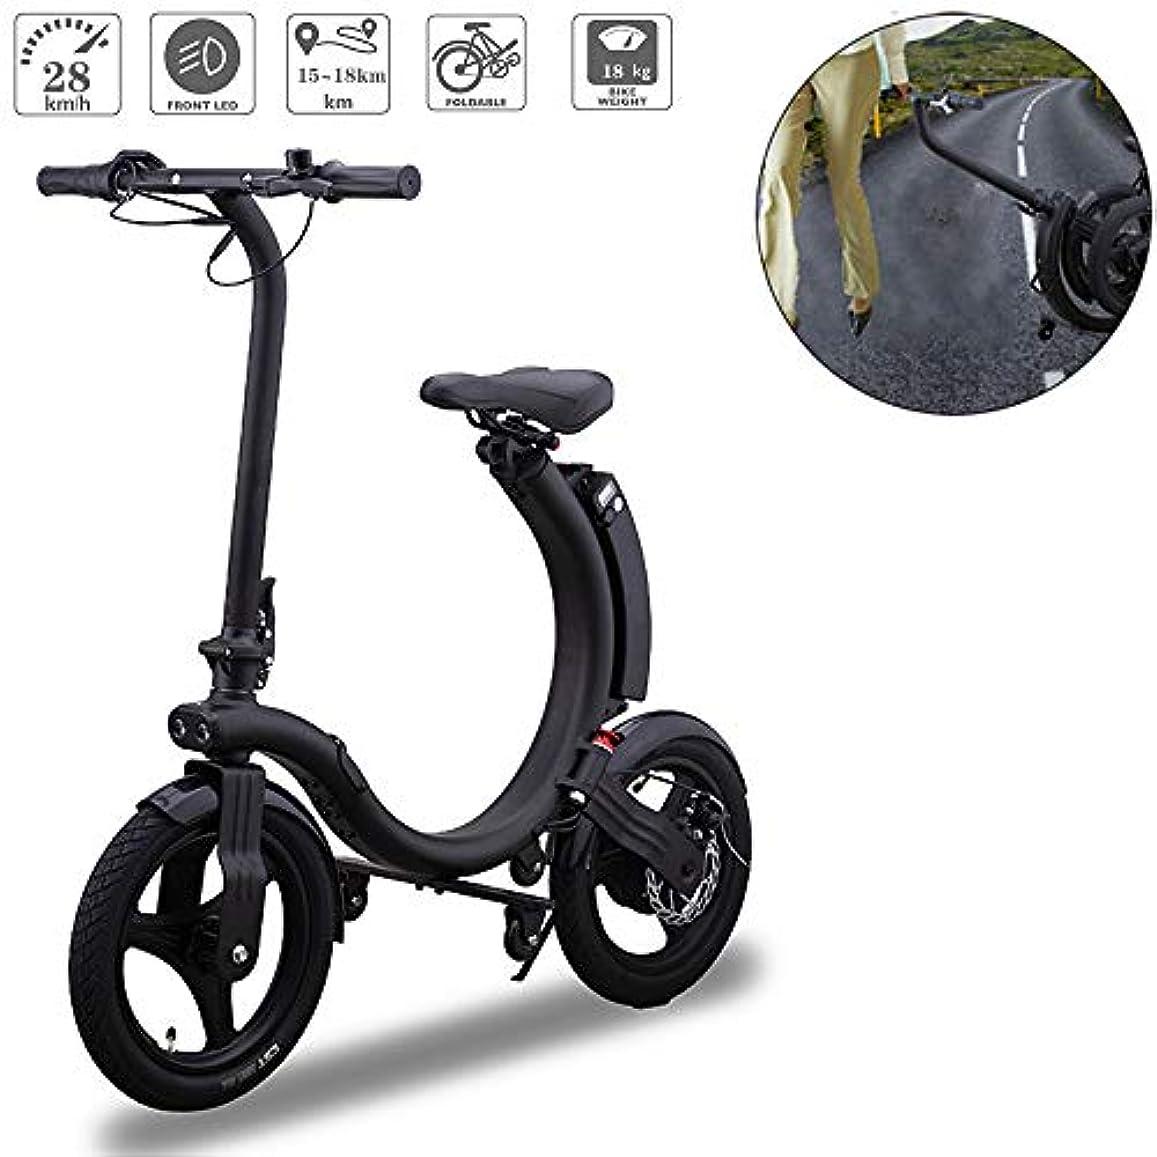 構築するくしゃくしゃ打ち上げる電動自転車、C型折りたたみ電動折りたたみ人の女性の市通勤に適しリムーバブルバッテリー軽量15キロ/ 33Lbsと電気Bike14インチ電動自転車モペット